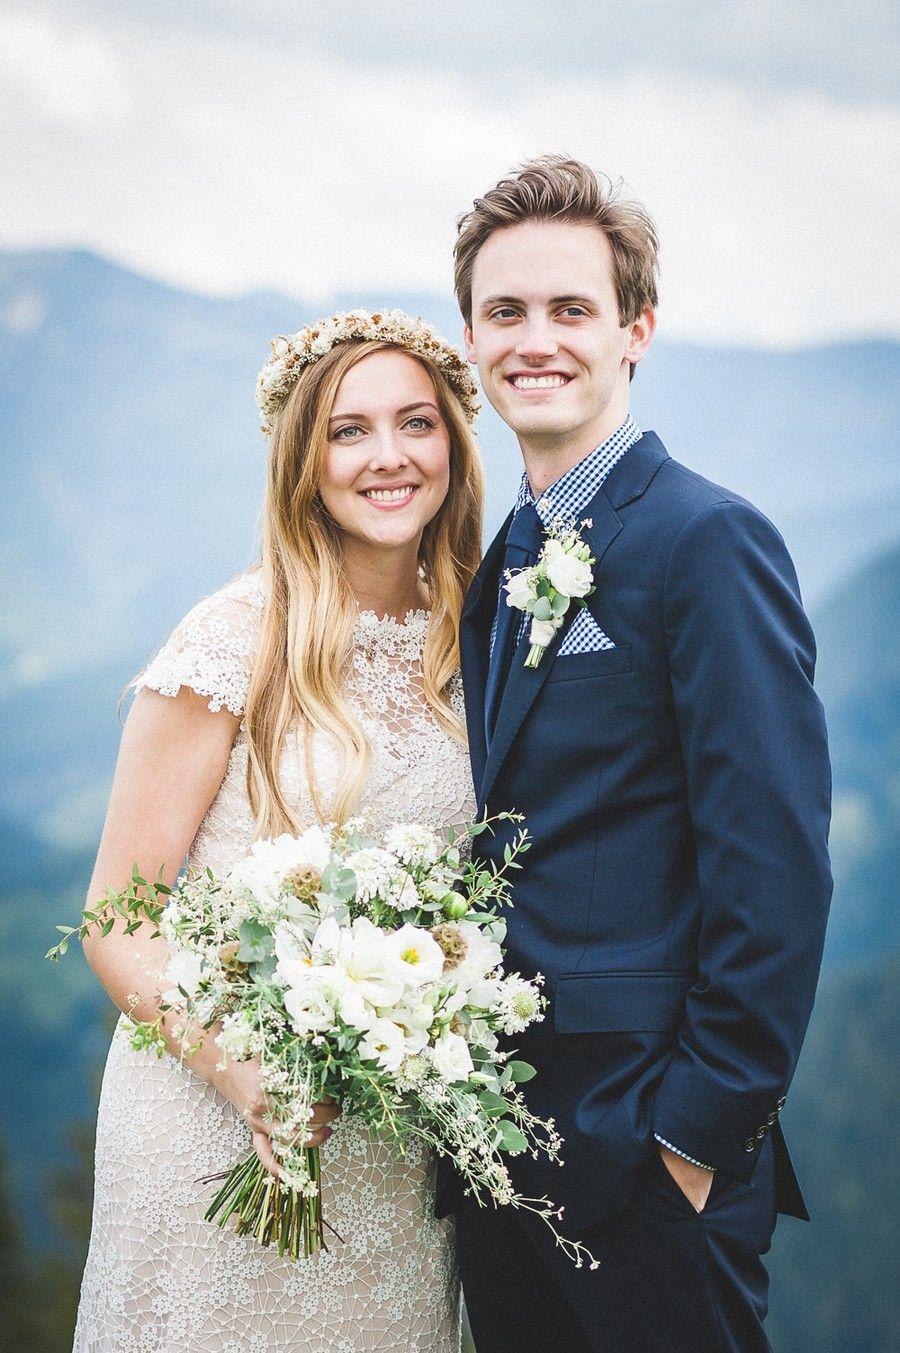 Hochzeit Zu Zweit Elopement Im Boho Stil Auf Dem Wallberg Hochzeit Marchen Fotografie Boho Stil